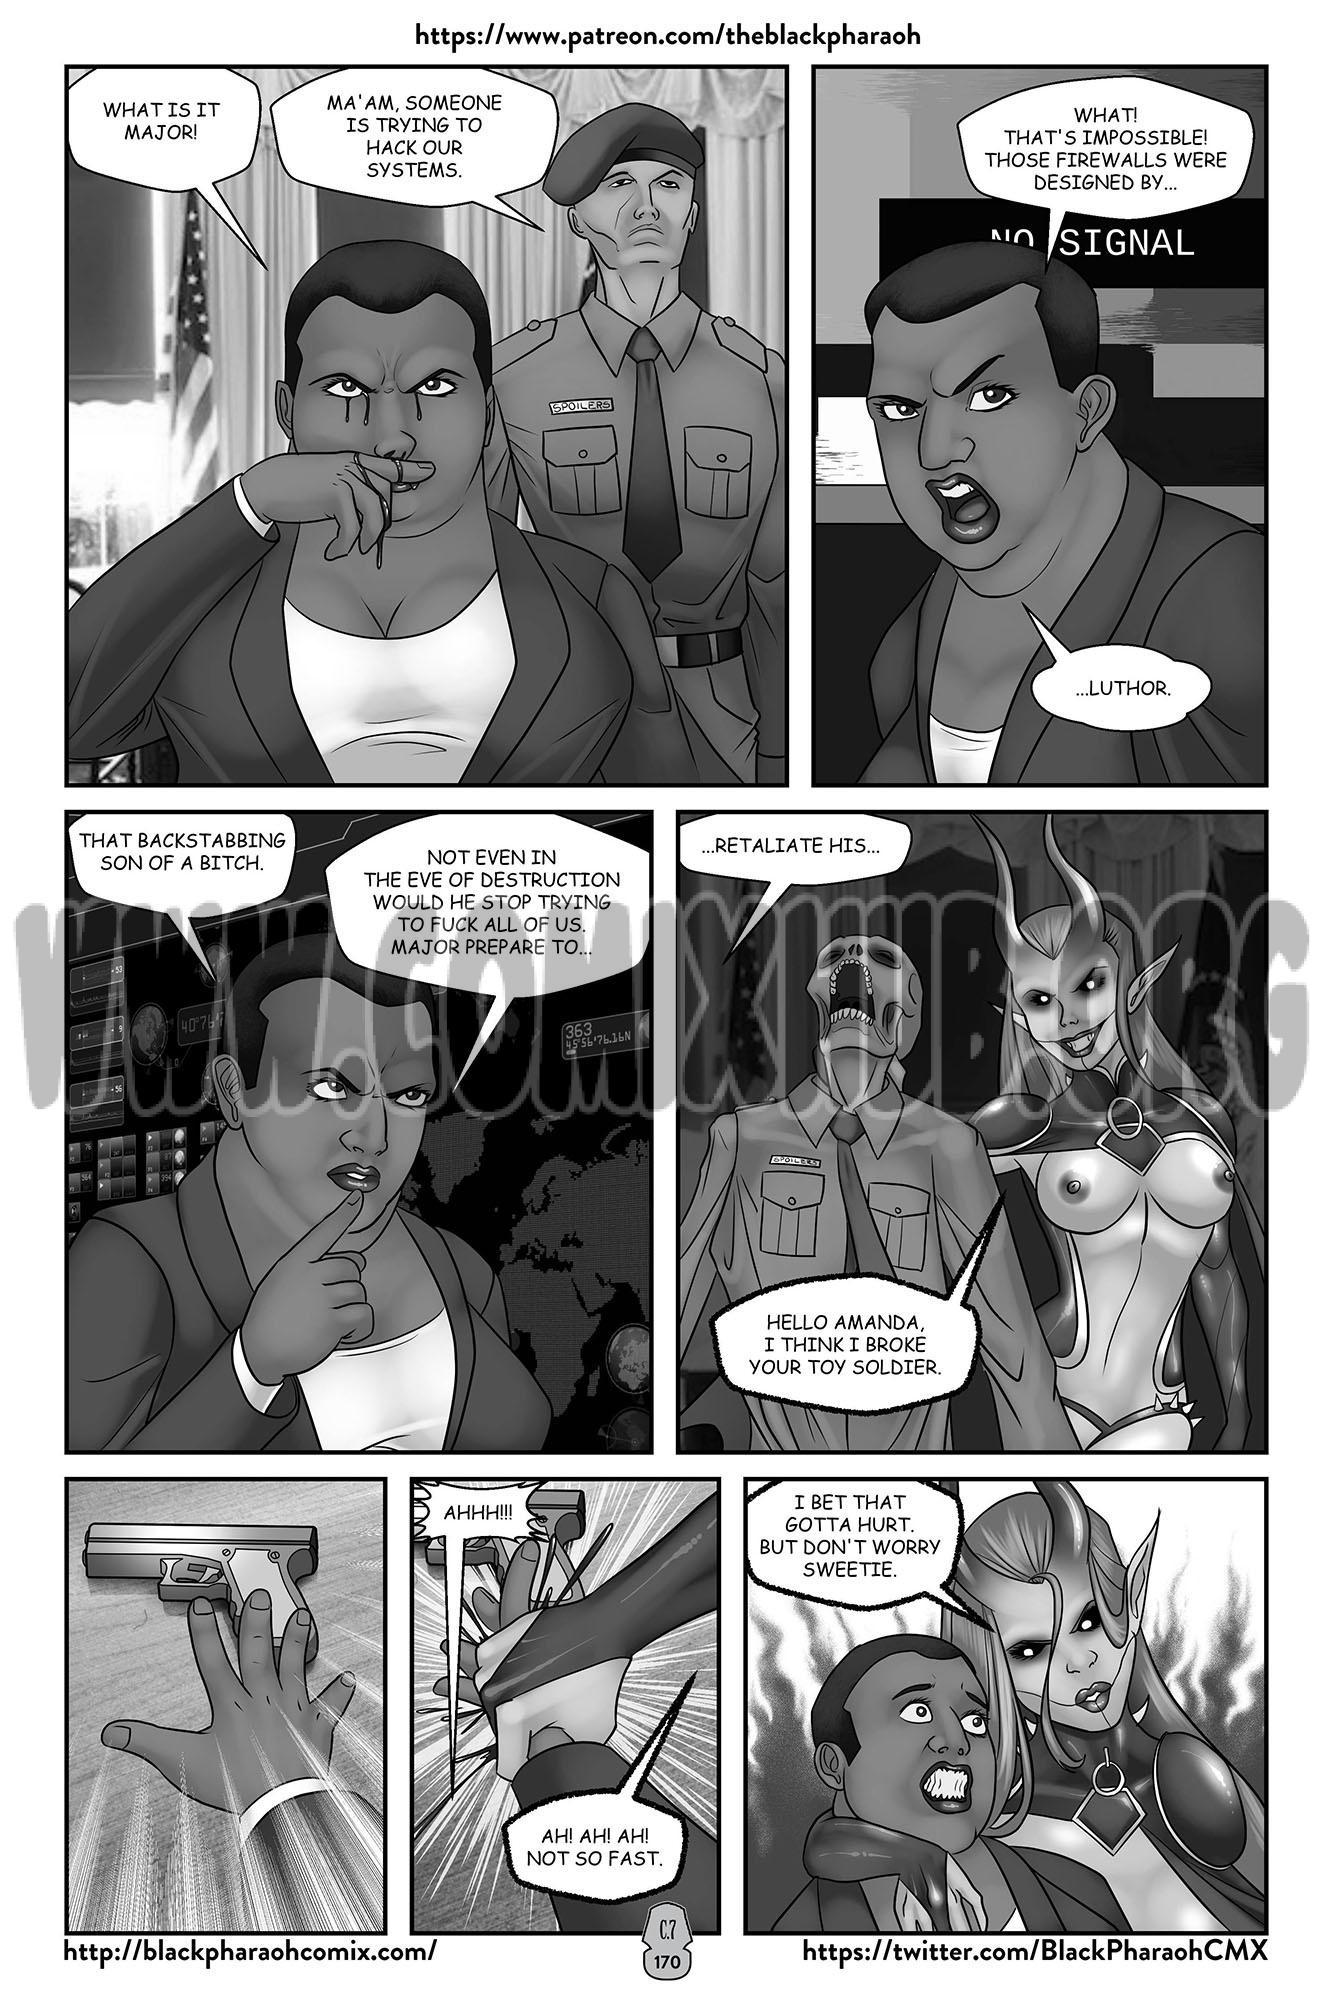 JL Forsaken Souls 7 porn comics Oral sex, Aliens, Anal Sex, Blowjob, cunnilingus, Double Penetration, Group Sex, Lesbians, Masturbation, Rape, Straight, Tentacles